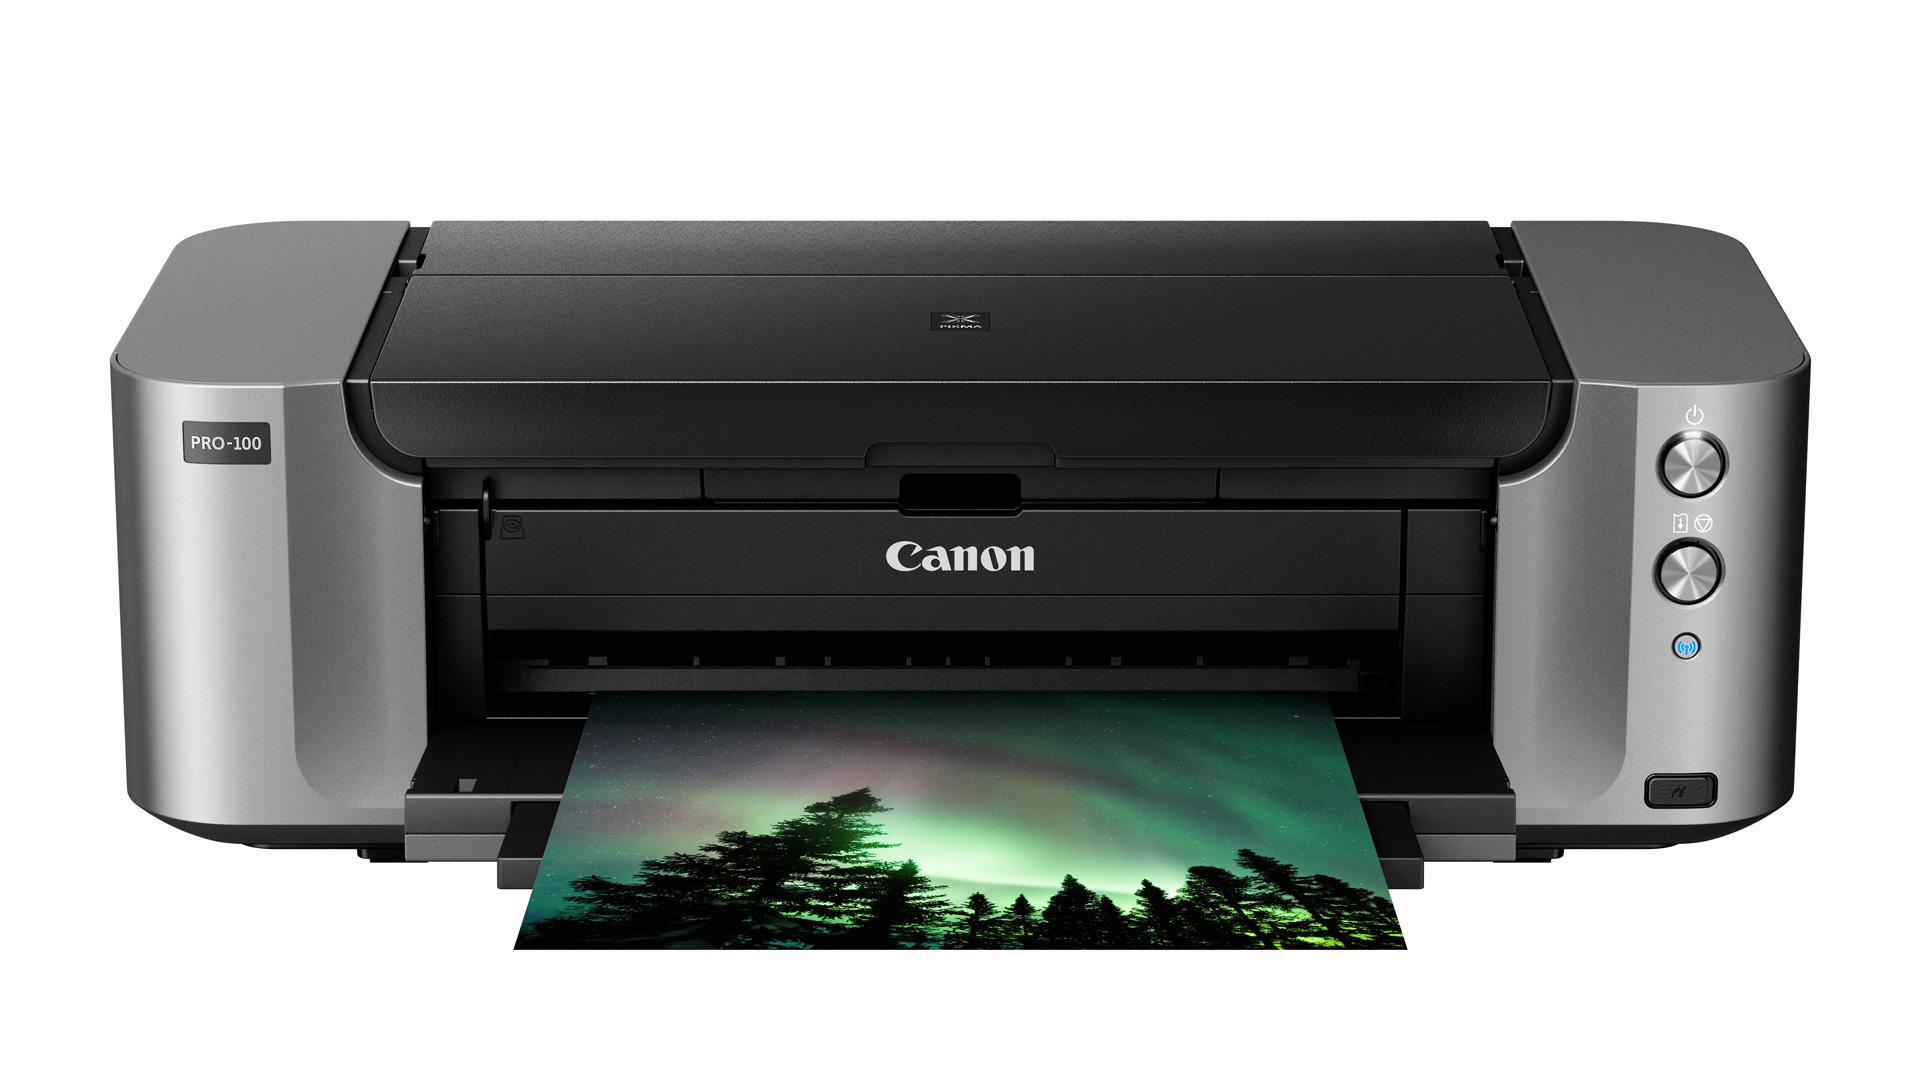 canon pixma pro 100 a3 printer